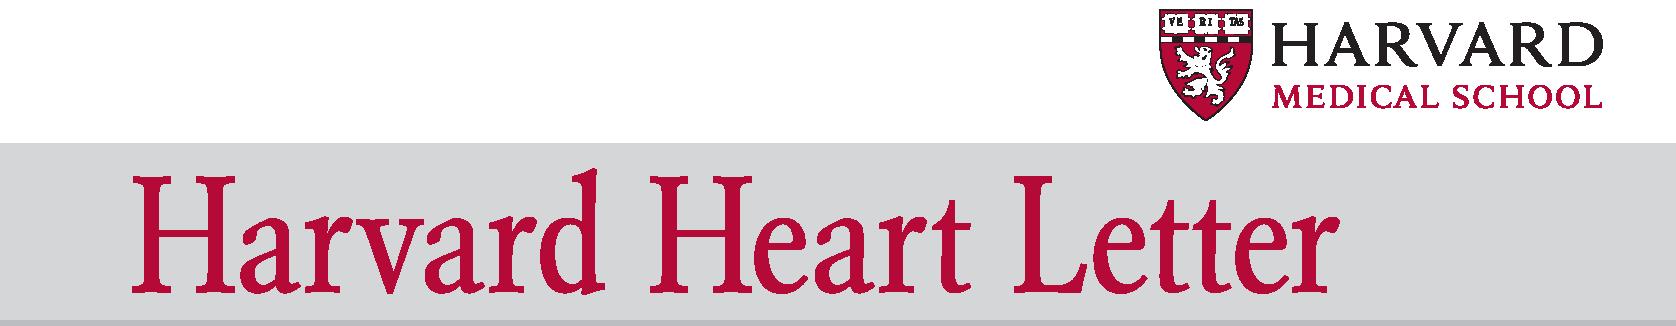 Harvard_Heart_Letter